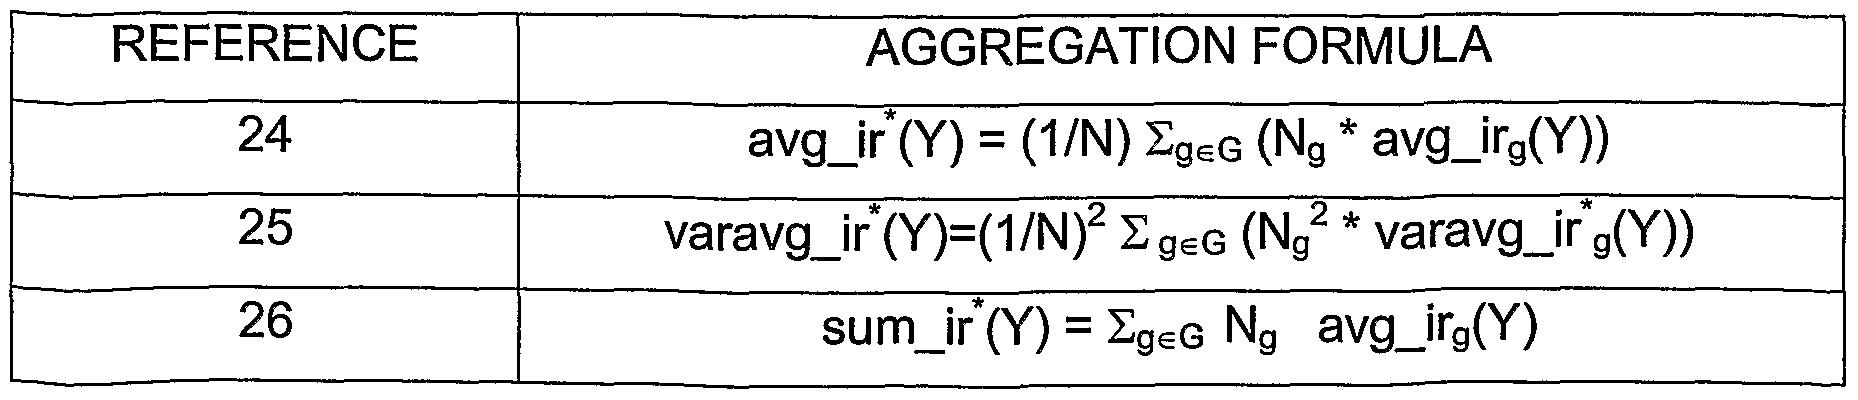 Figure imgf000079_0004